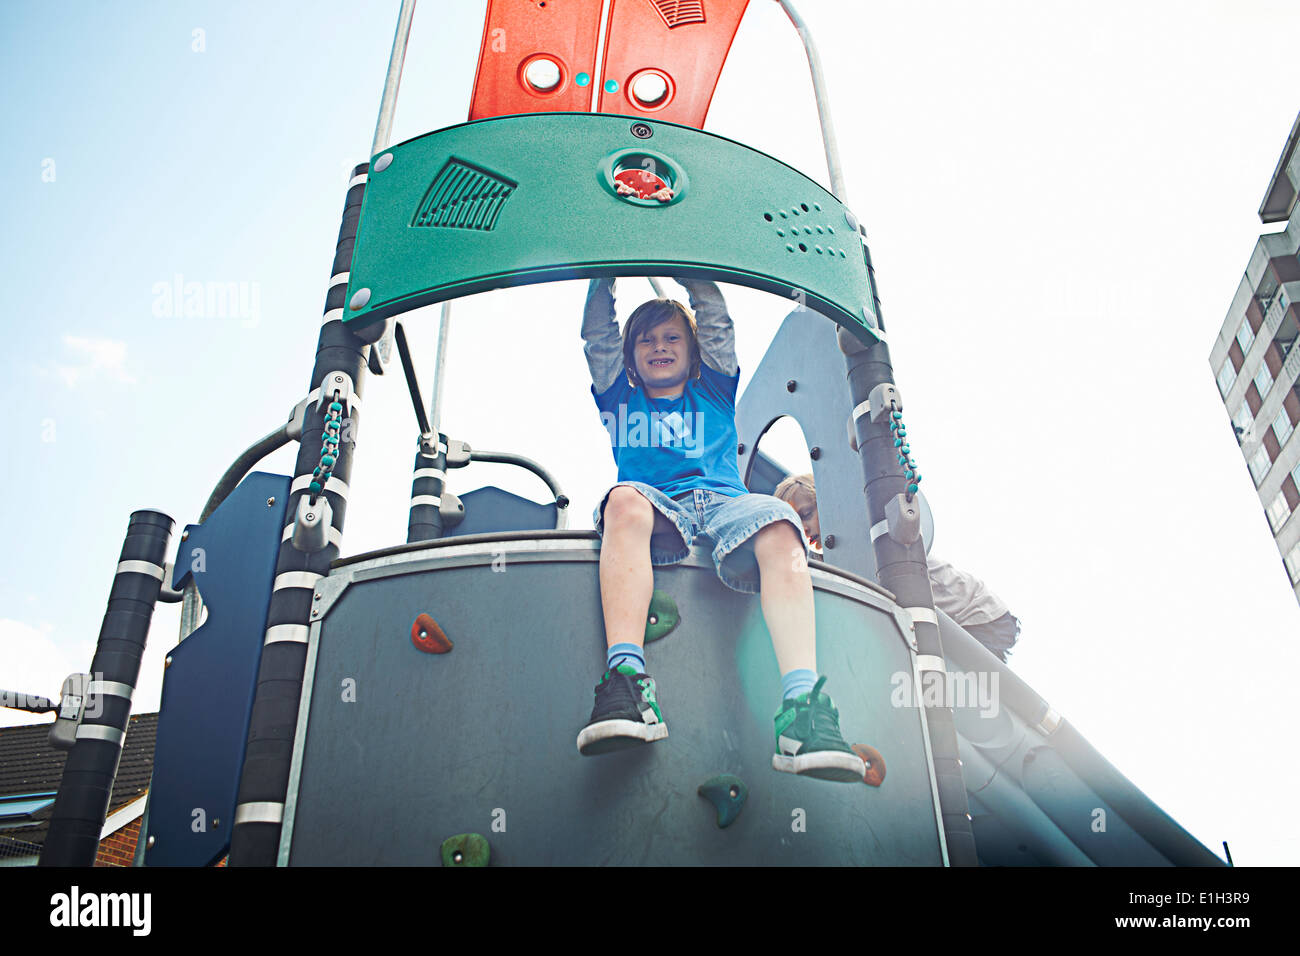 Klettergerüst Aus Baumstämmen : Rosenfeld freiwillige stellen klettergerüst auf